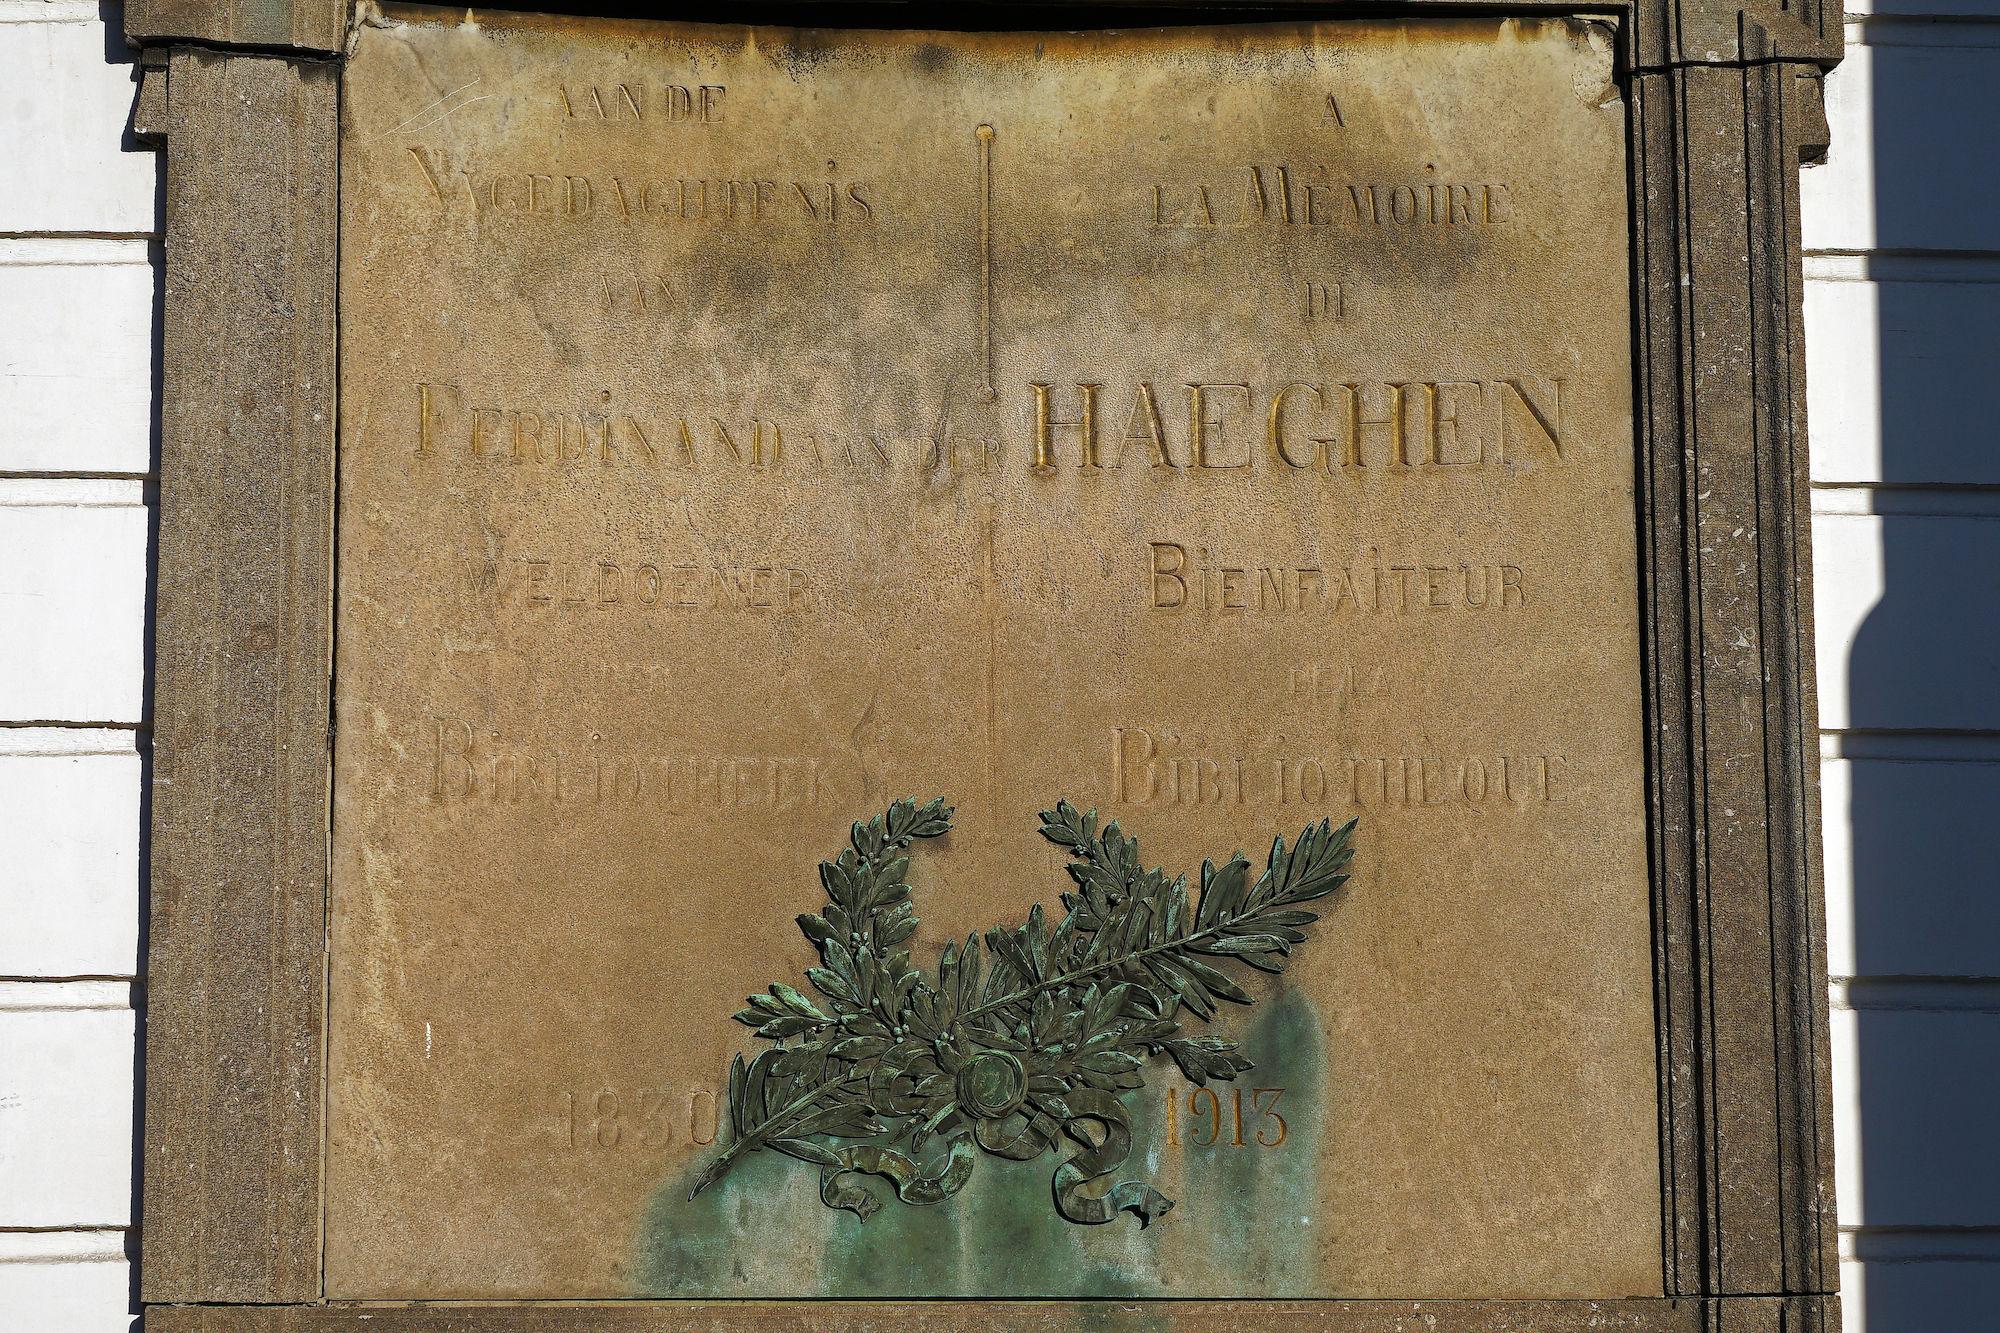 Gedenkplaat - Ferdinand Van der Haeghen